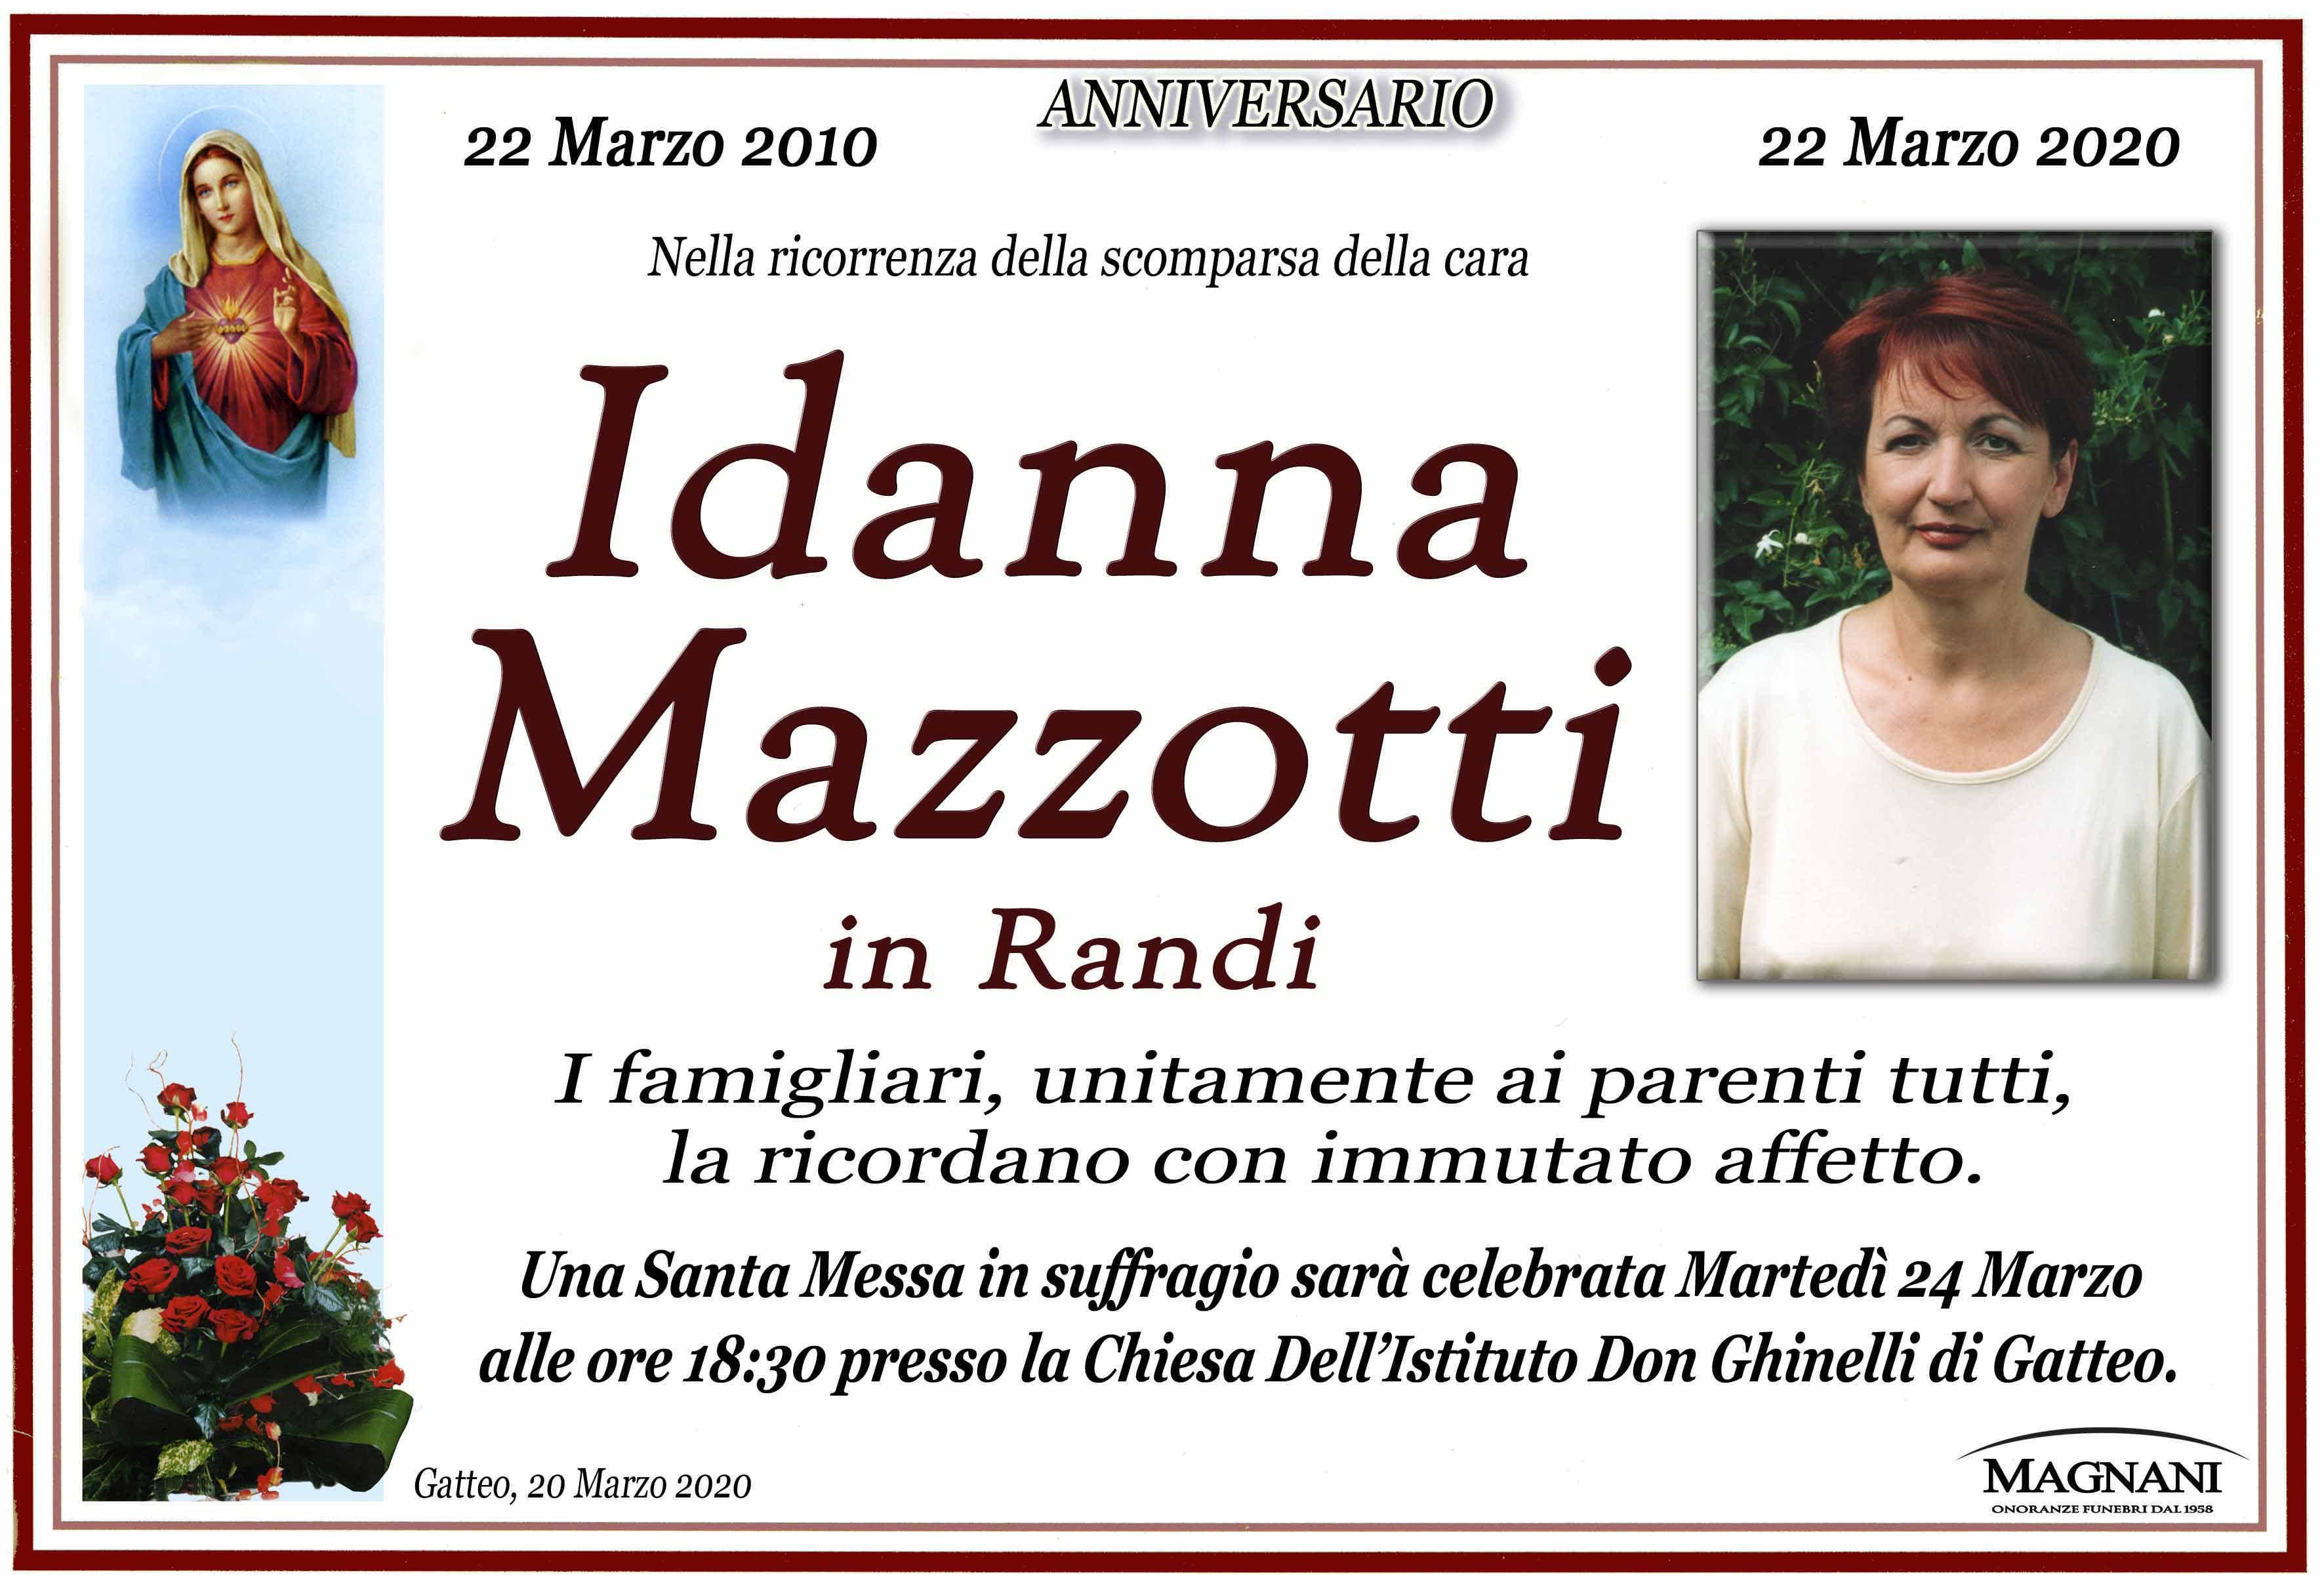 Idanna Mazzotti